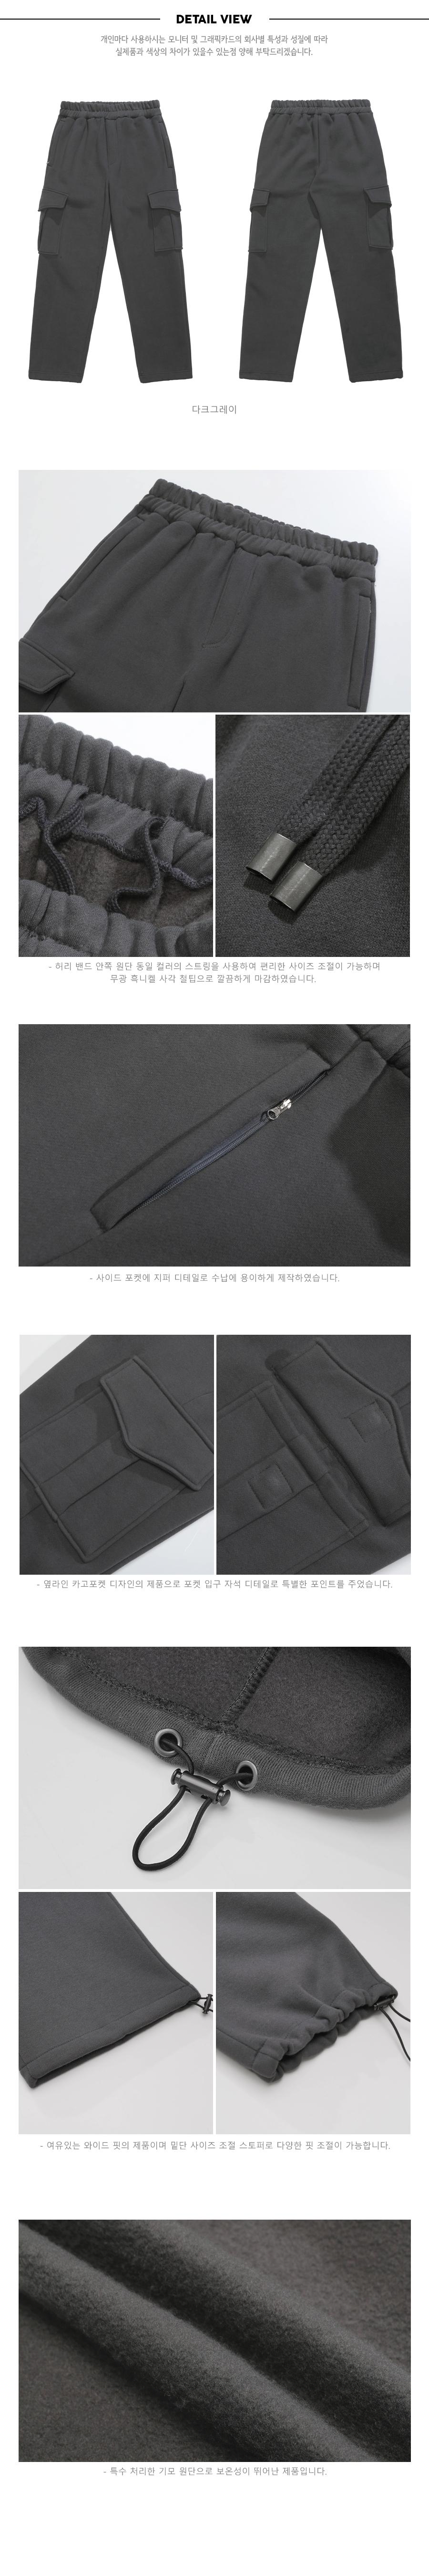 [제멋] 마그넷 카고 기모 스웨트팬츠 다크그레이 KJLP2260